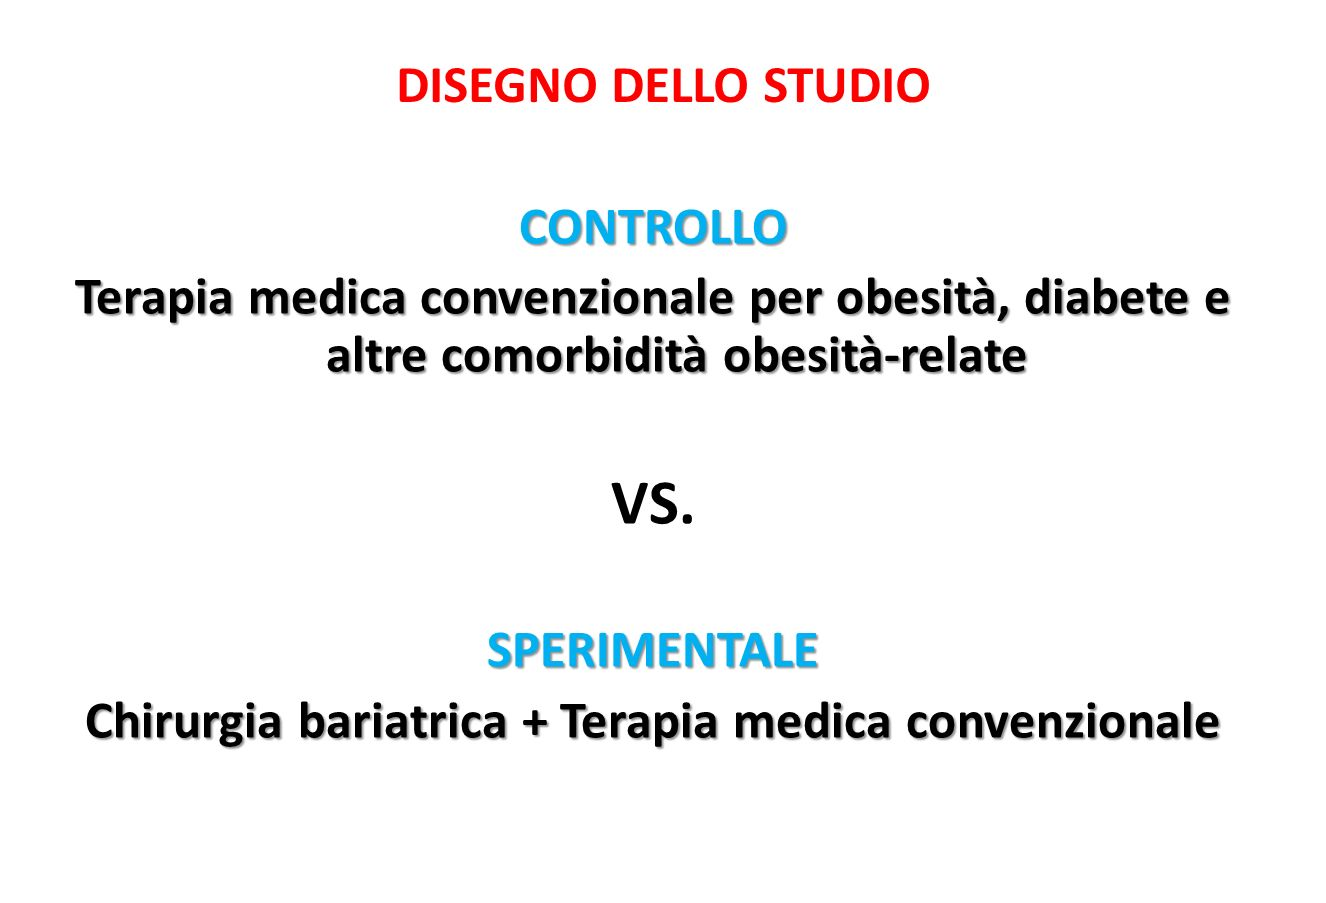 CONTROLLO Terapia medica convenzionale per obesità, diabete e altre comorbidità obesità-relate VS.SPERIMENTALE Chirurgia bariatrica + Terapia medica c